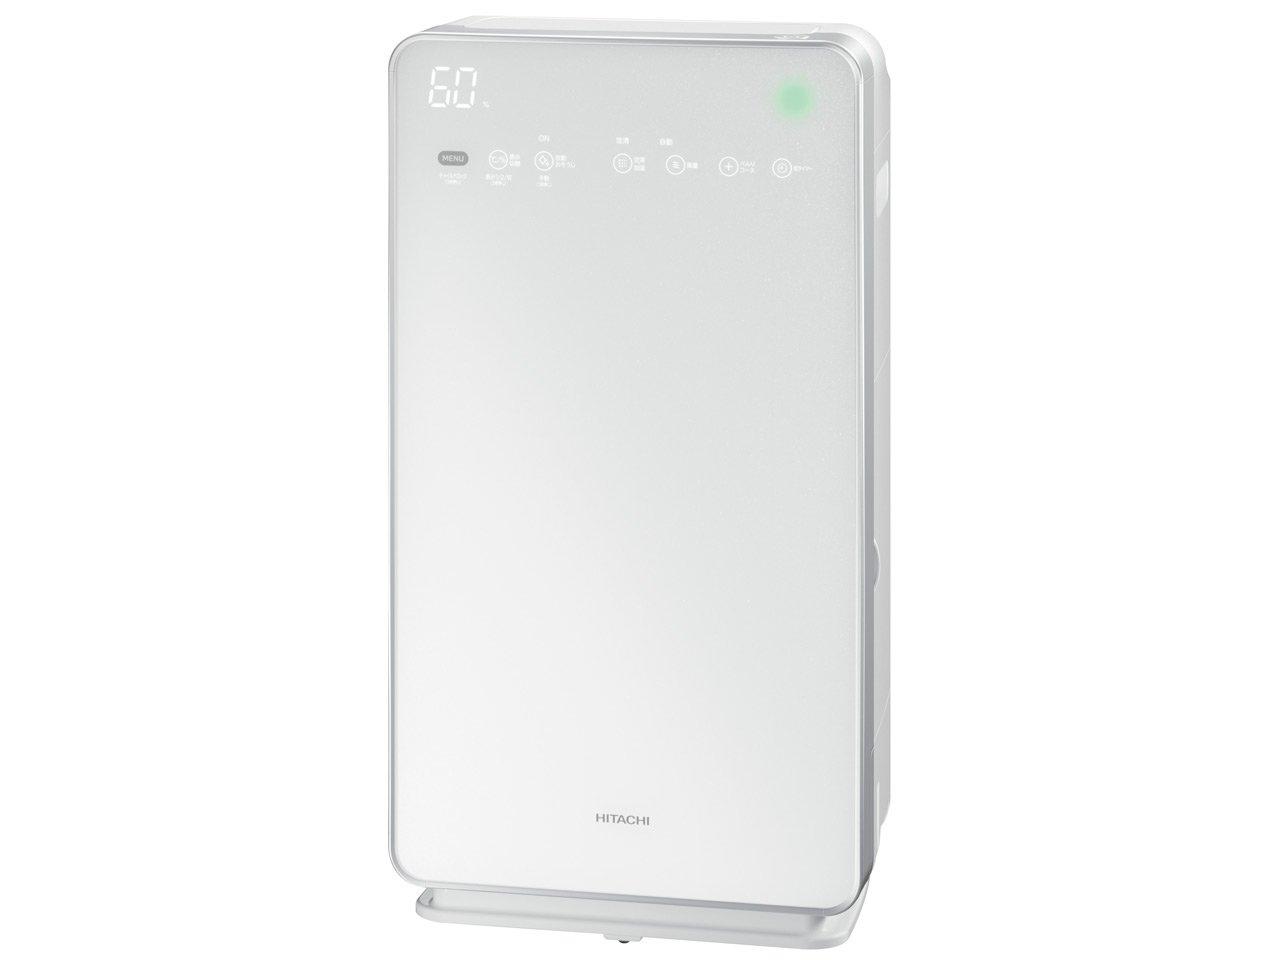 日立 クリエア 加湿空気清浄機 (空清~42畳 自動おそうじ機能付き) パールホワイト EP-LVG90 W B016BHP992